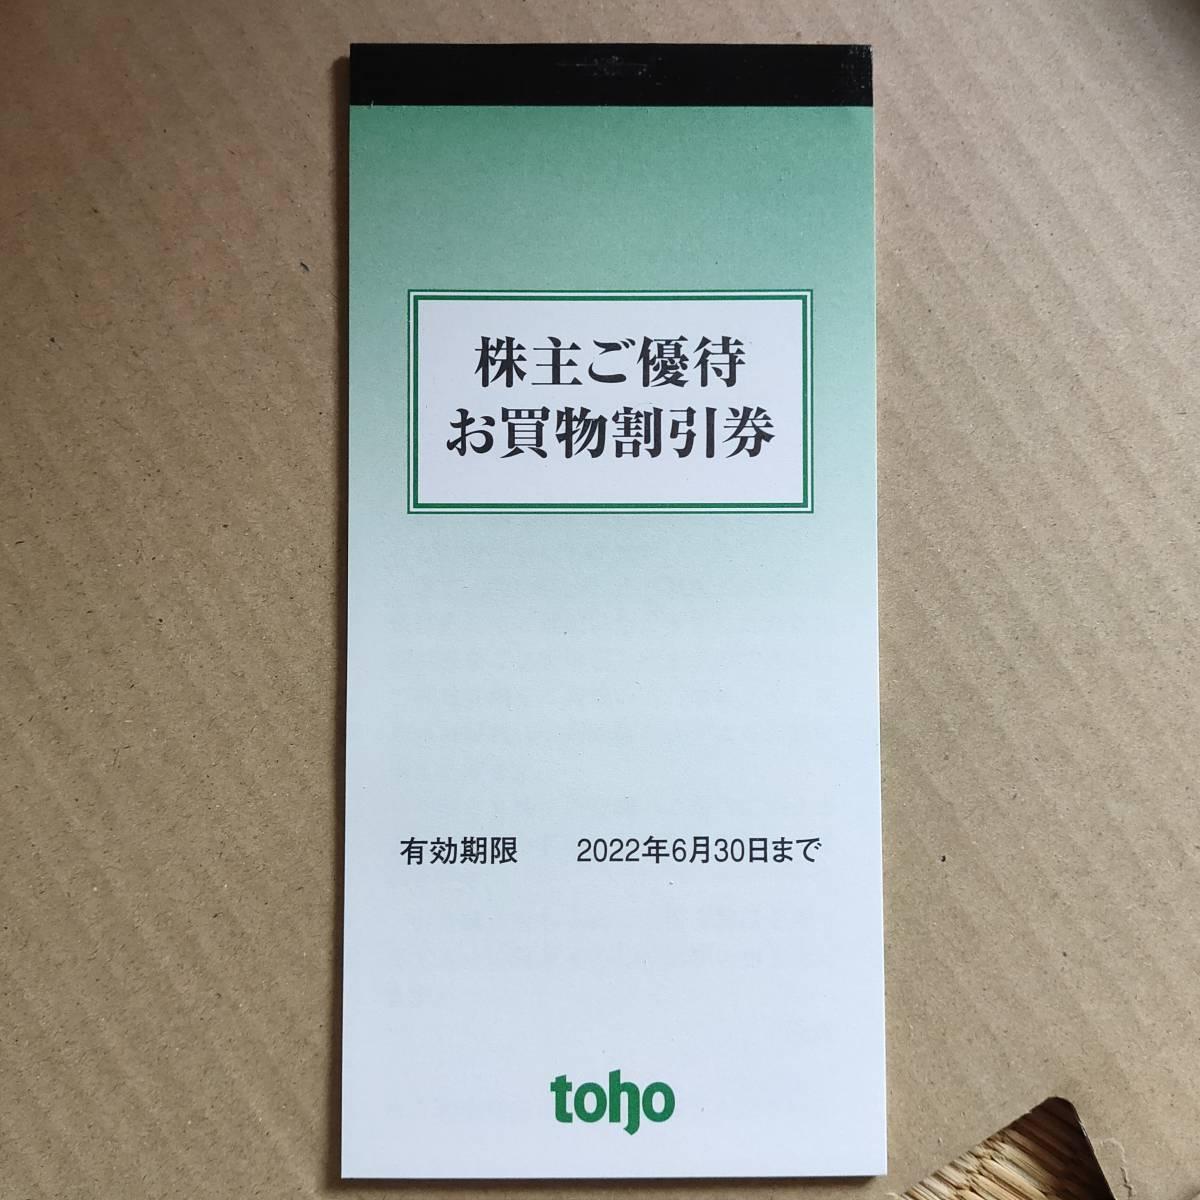 トーホー 株主優待券 お買物割引券5000円分 2022年6月30日まで toho_画像1